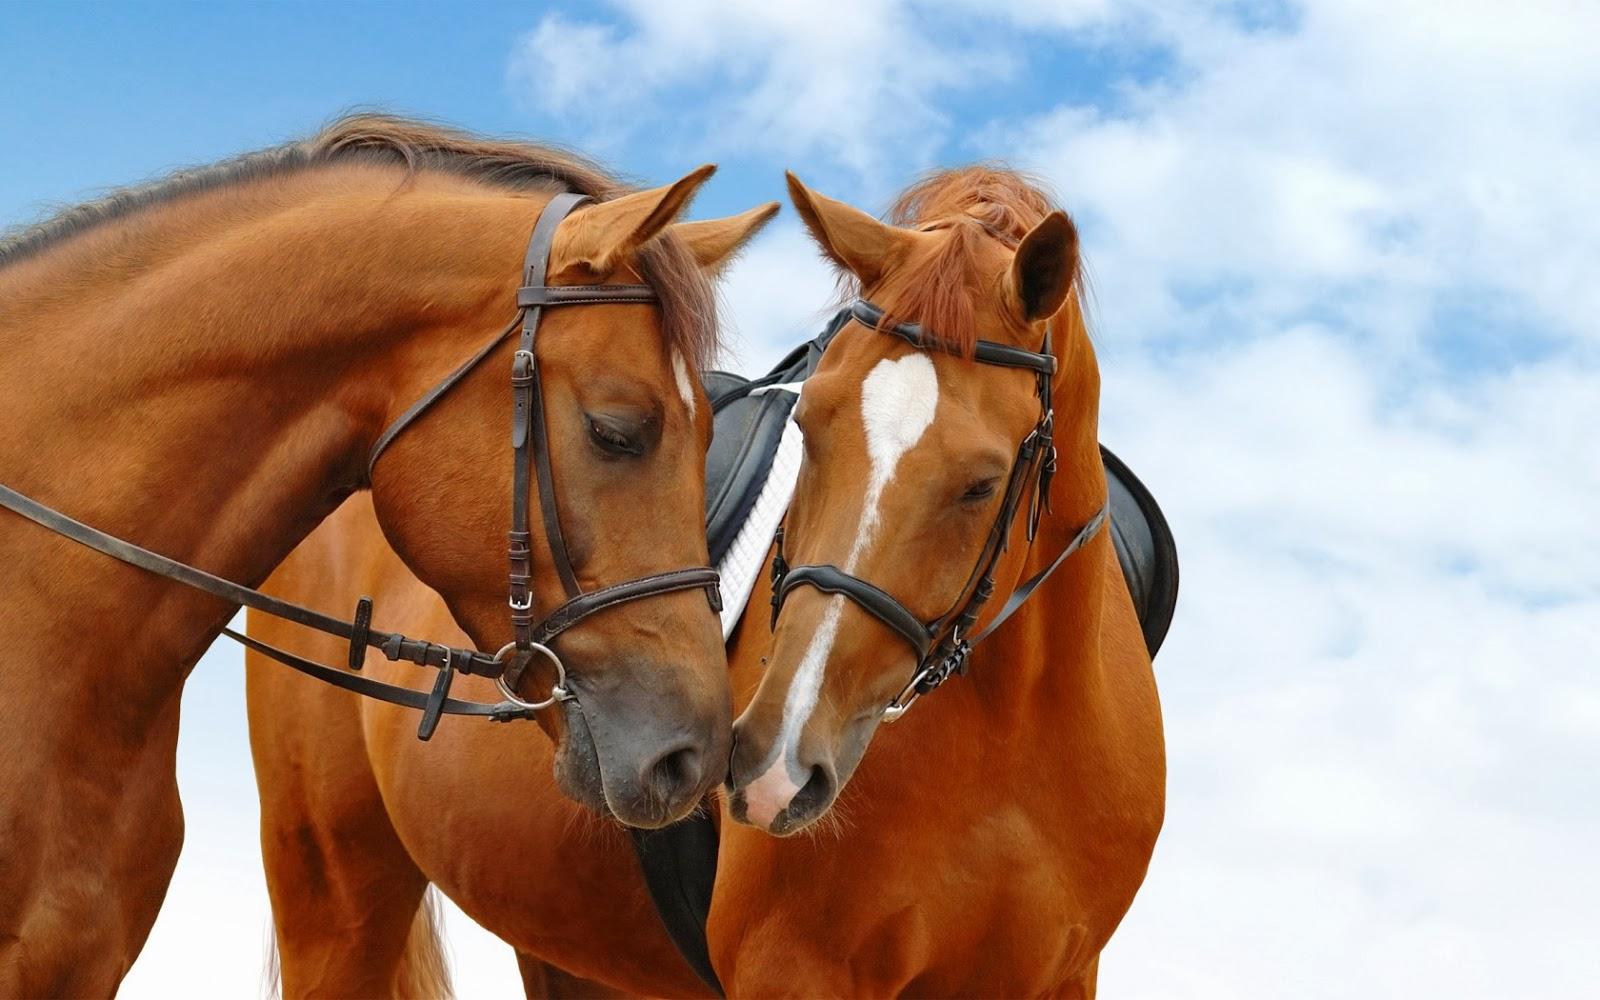 hermosos caballos bajo el cielo azul